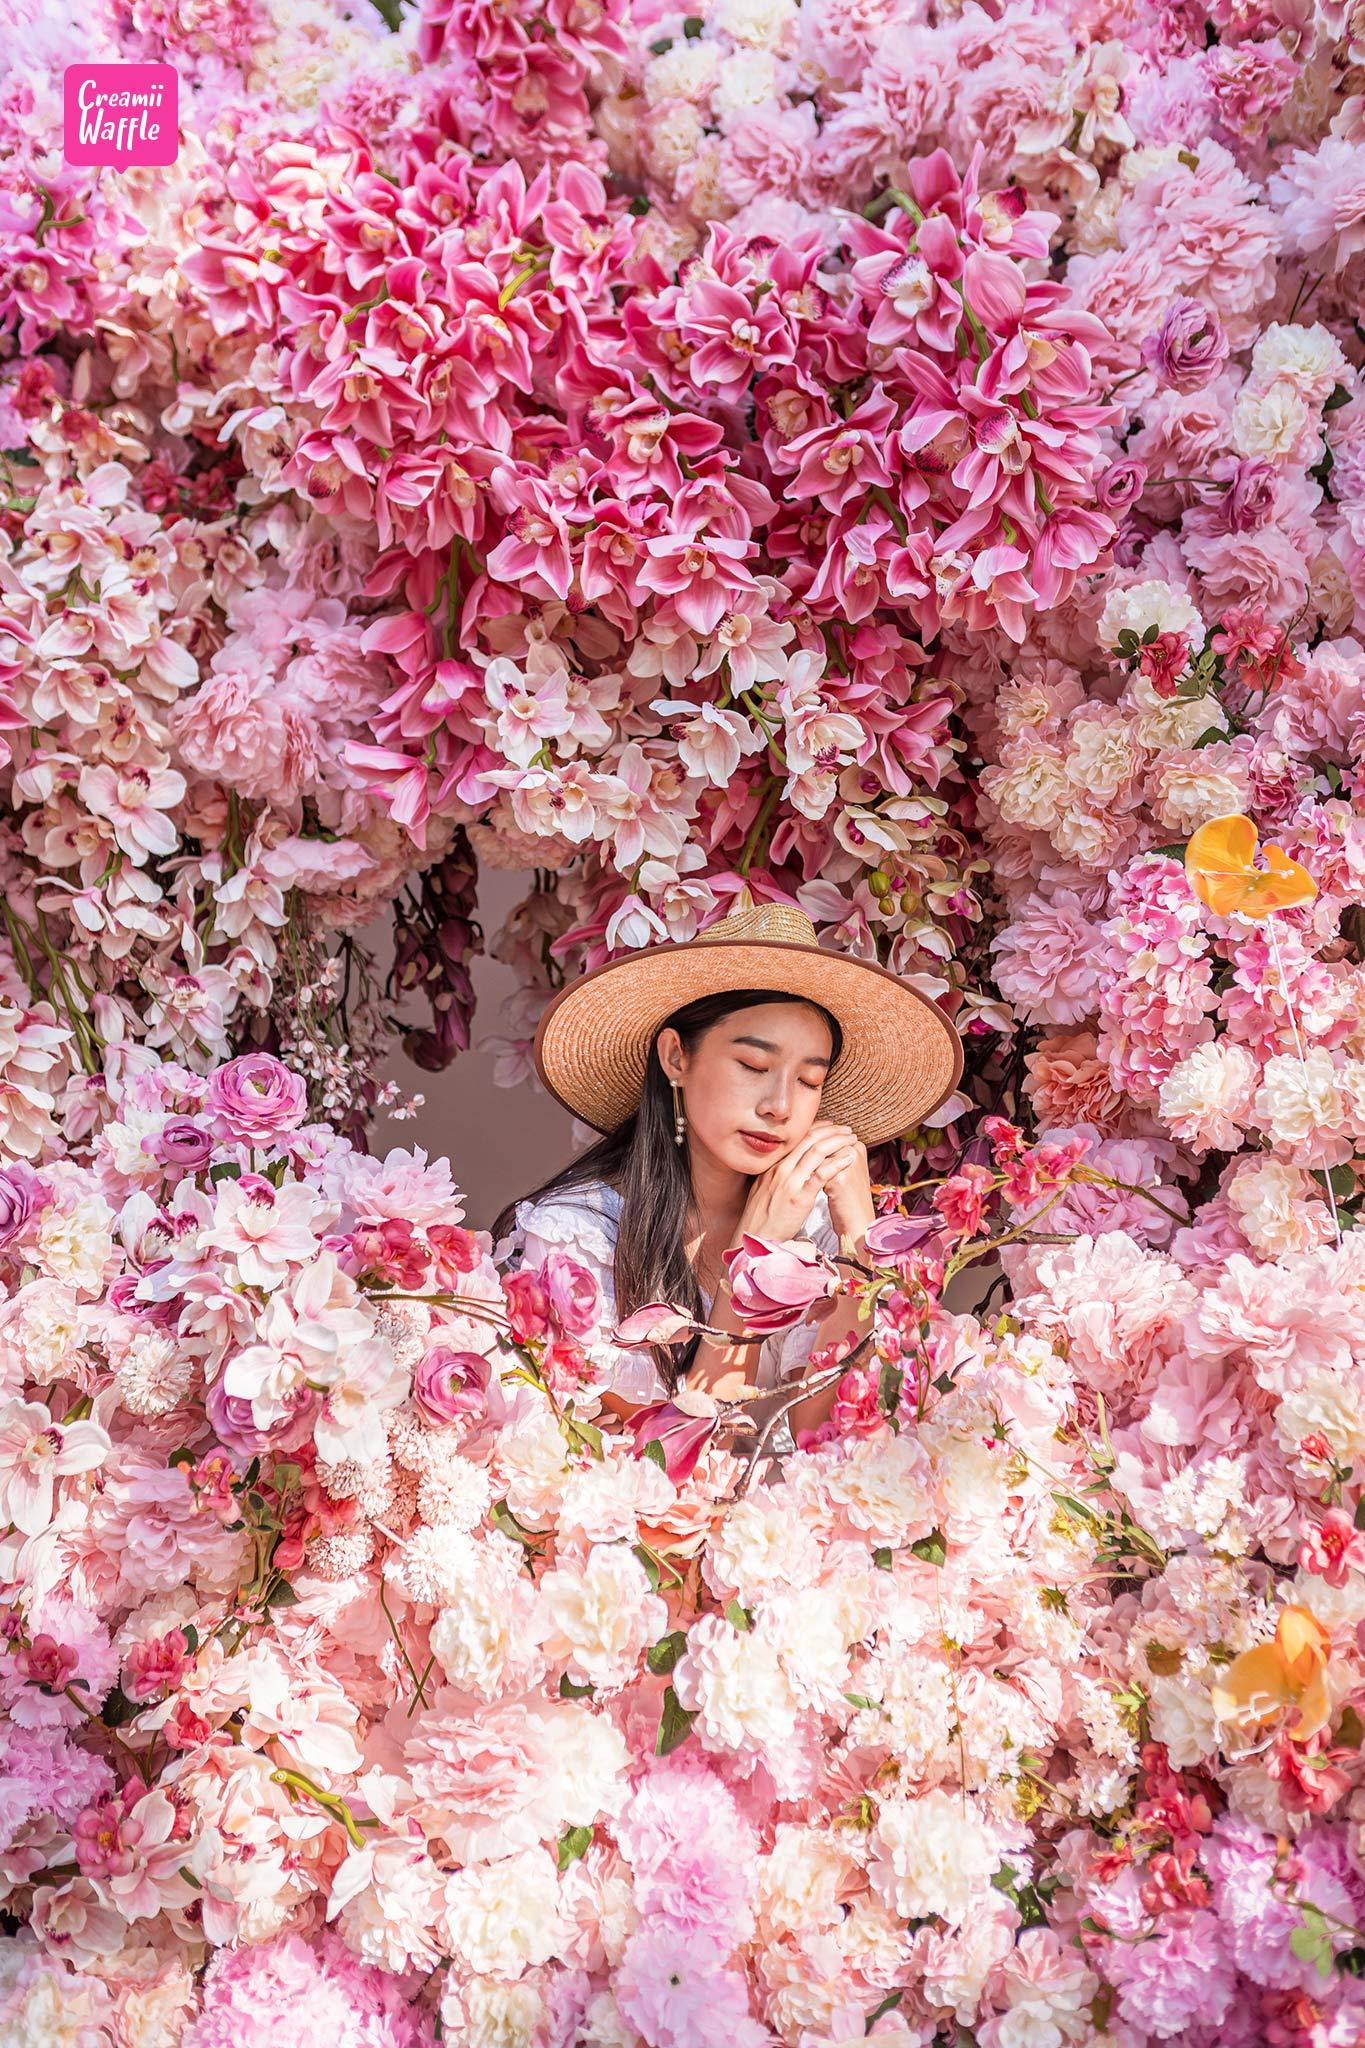 รักดอก RakDok รีวิว